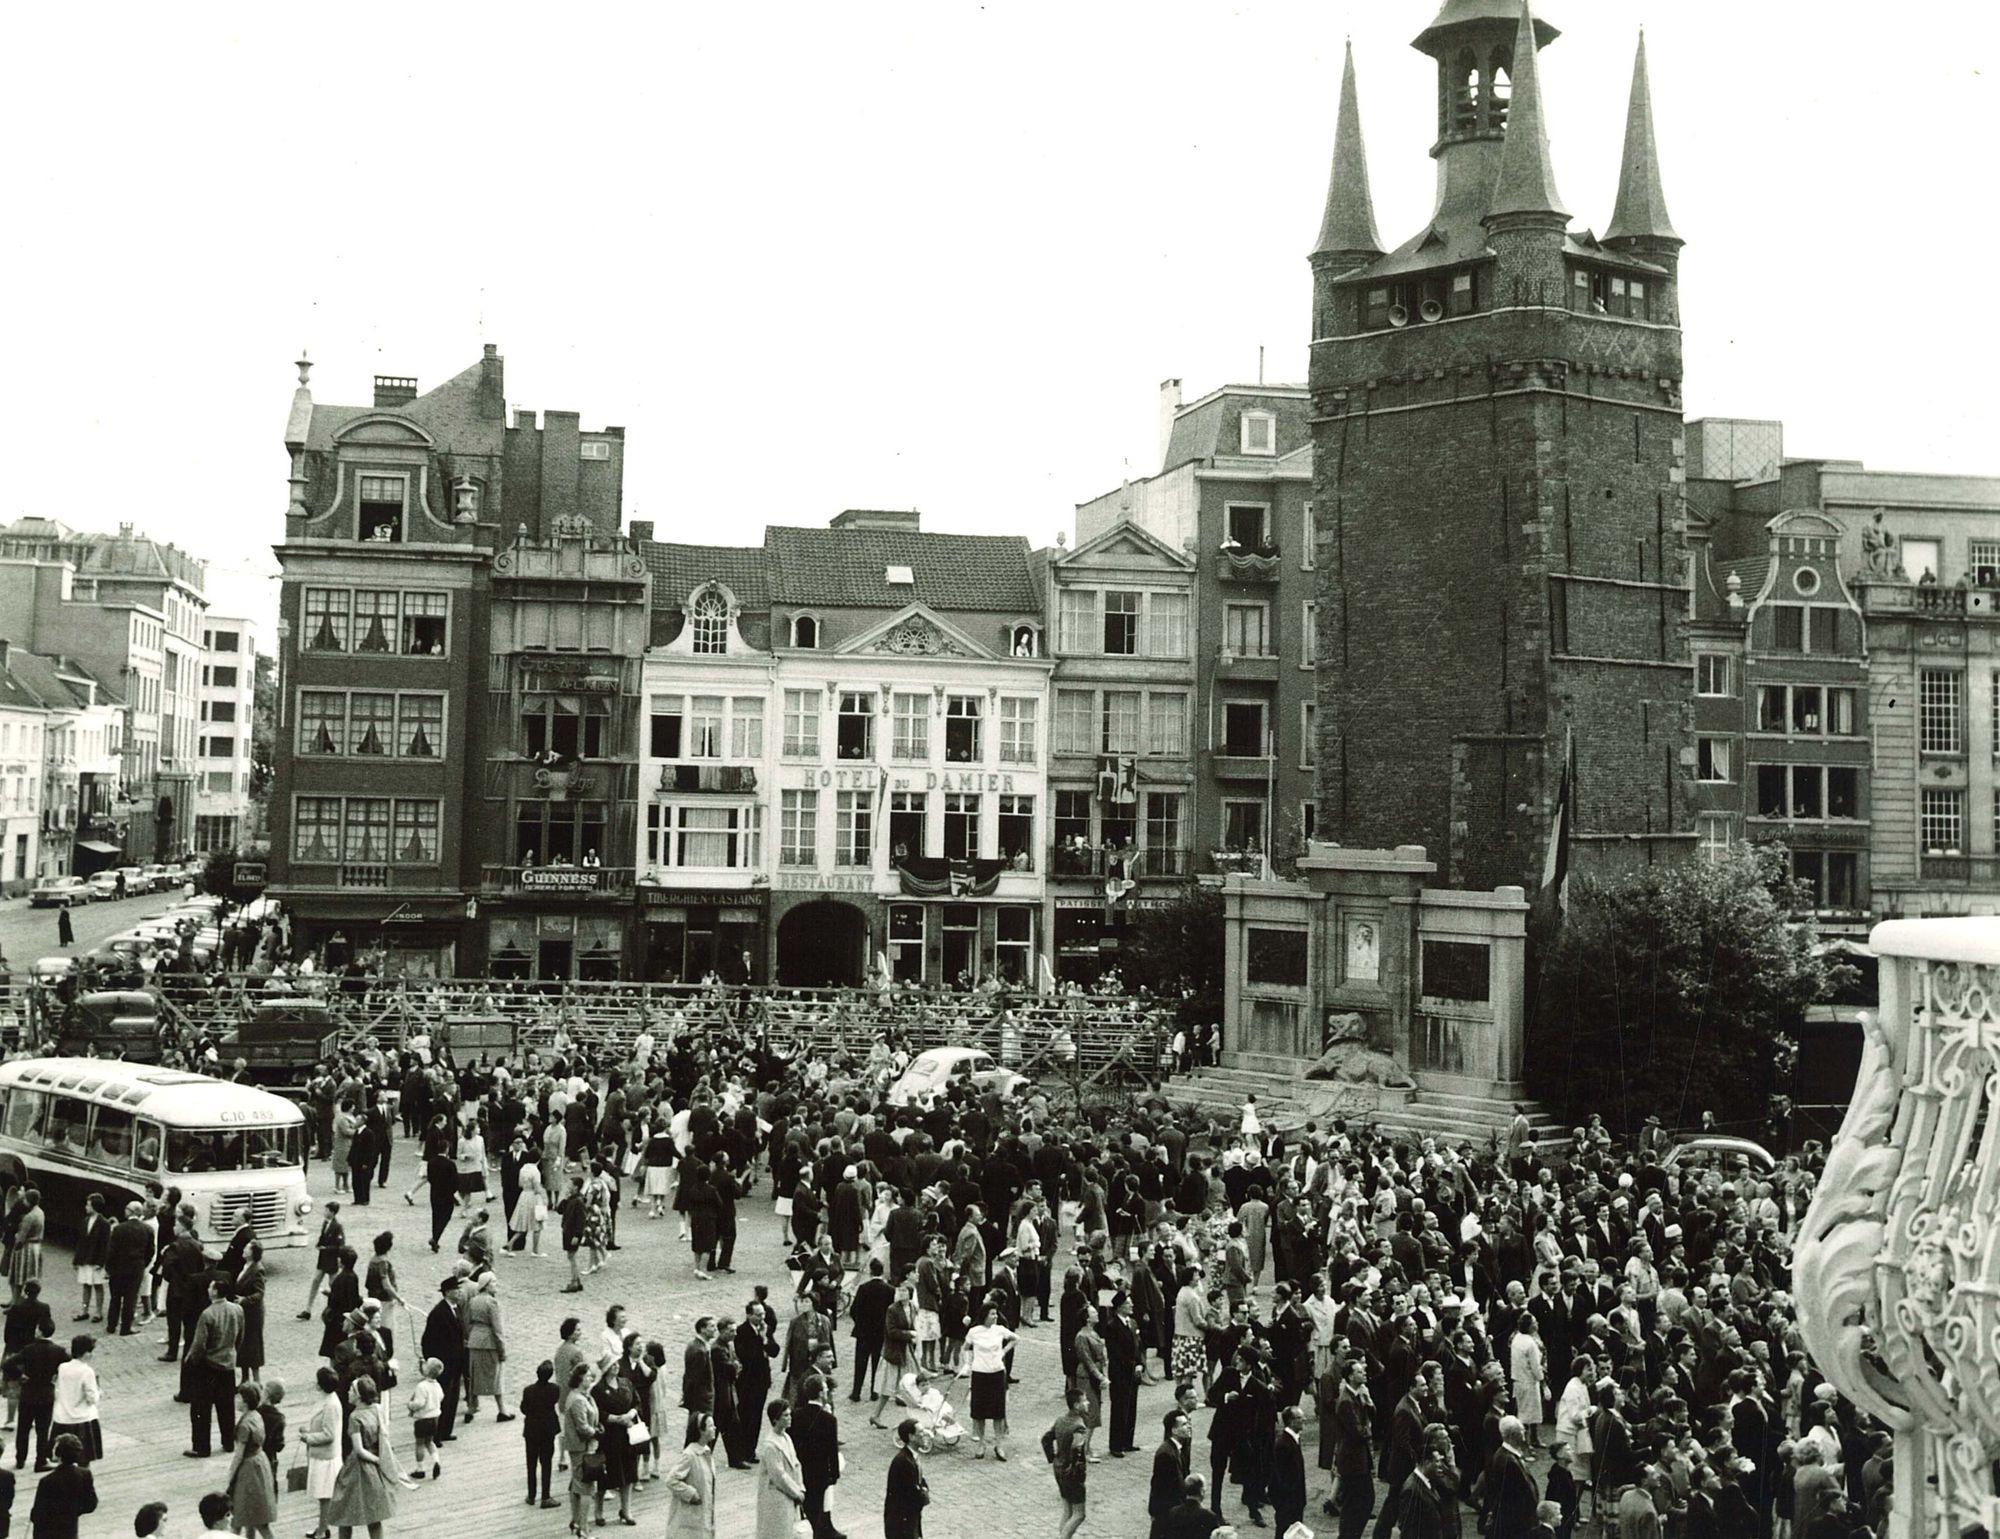 Praalstoet 'De luister van de Nederlandse taal'